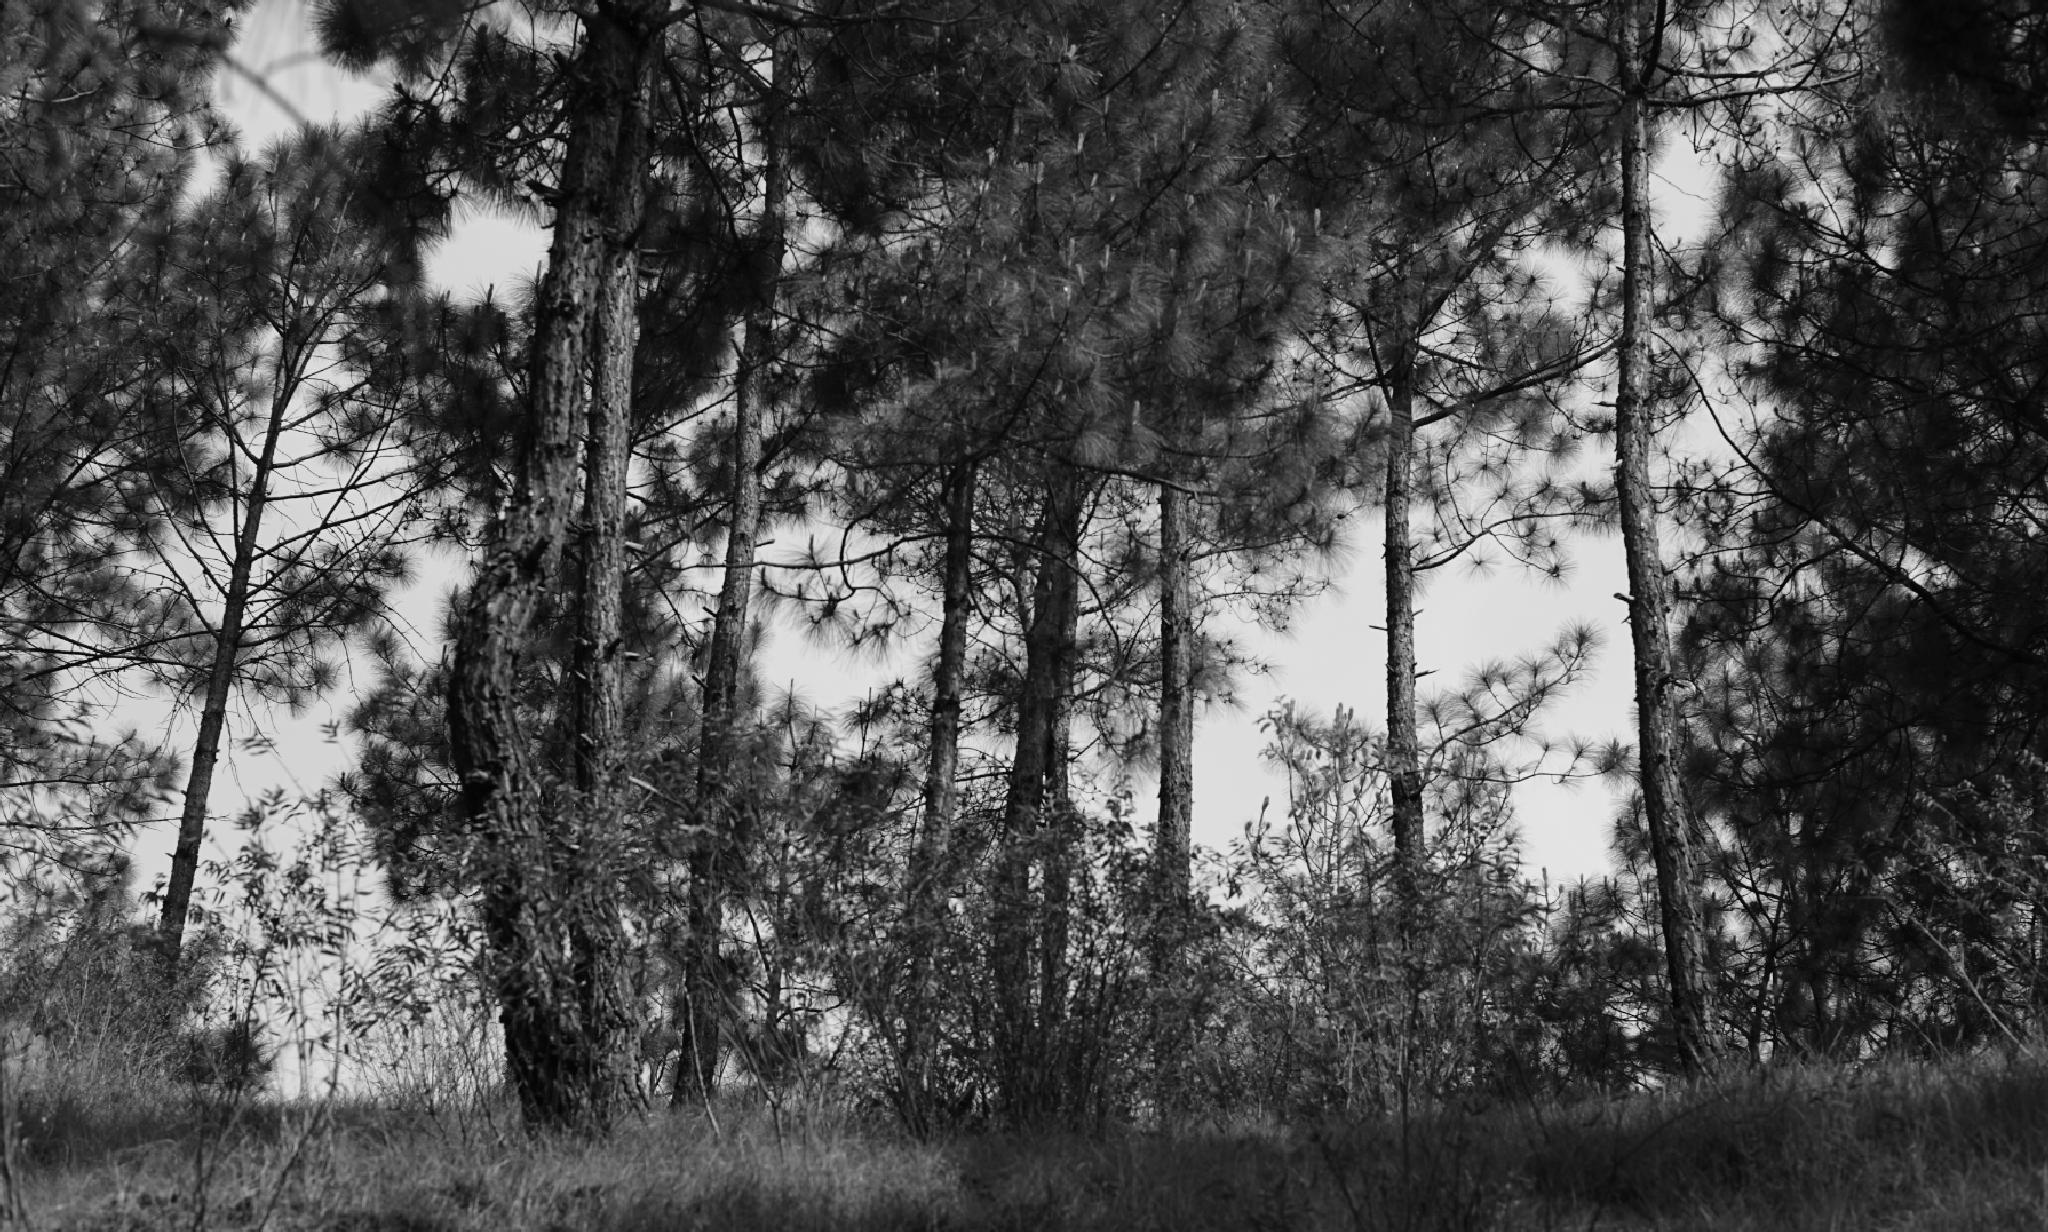 Nature by inderjeet singh